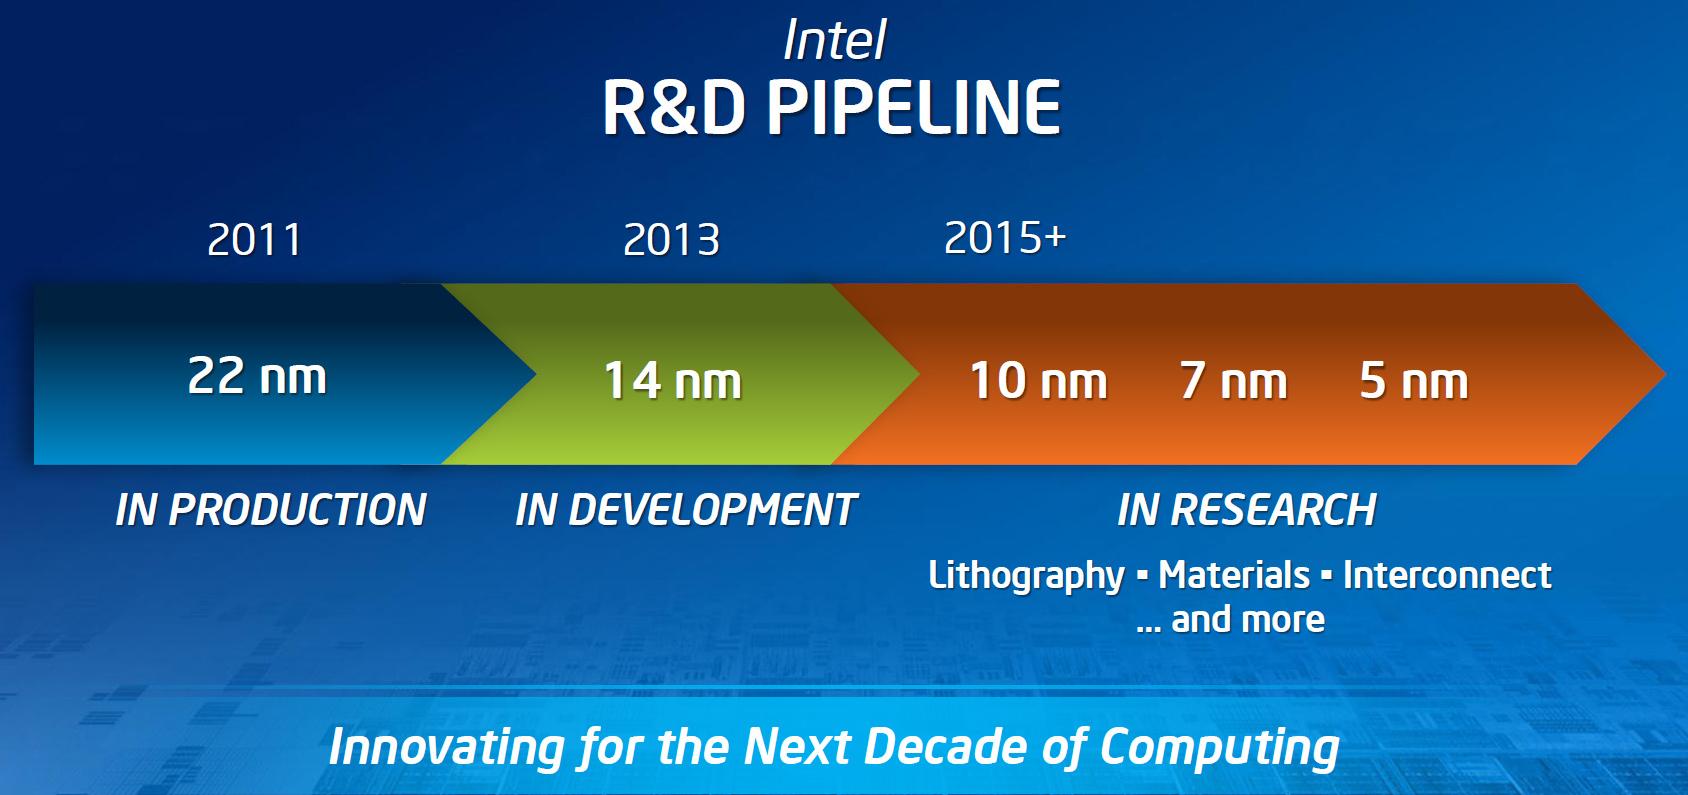 Intel podría pasar de los 10 nm a los 7nm en sus próximos procesadores